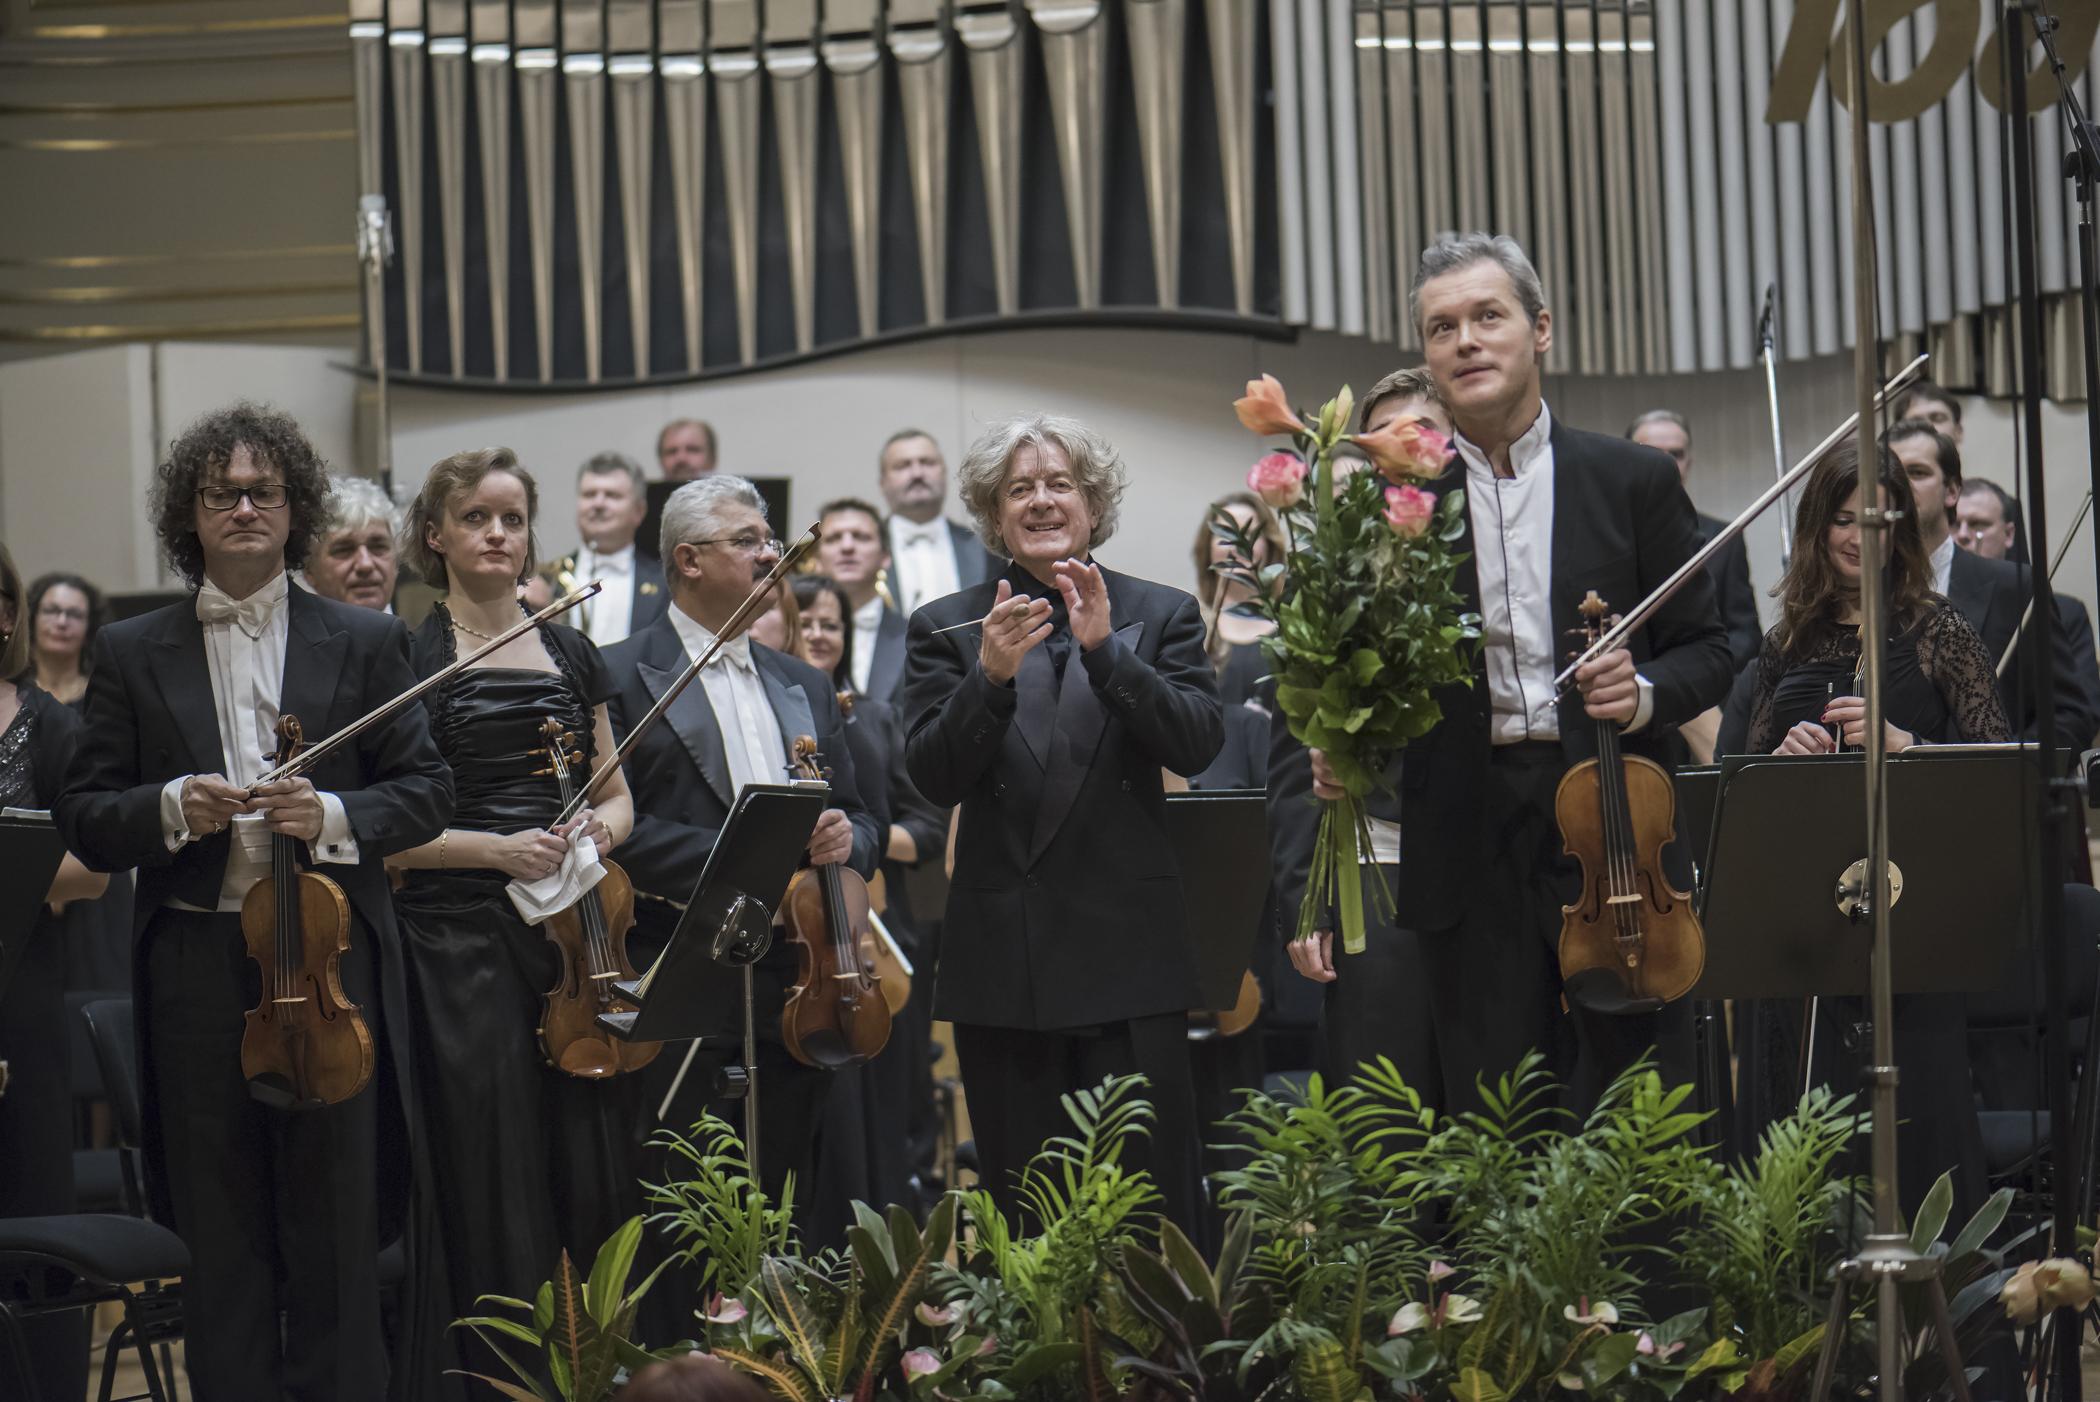 Bratislavské hudobné slávnosti 18. 11. 2006 Otvárací koncert, SF, James Judd, Vadim Repin photo Alexander Trizuljak